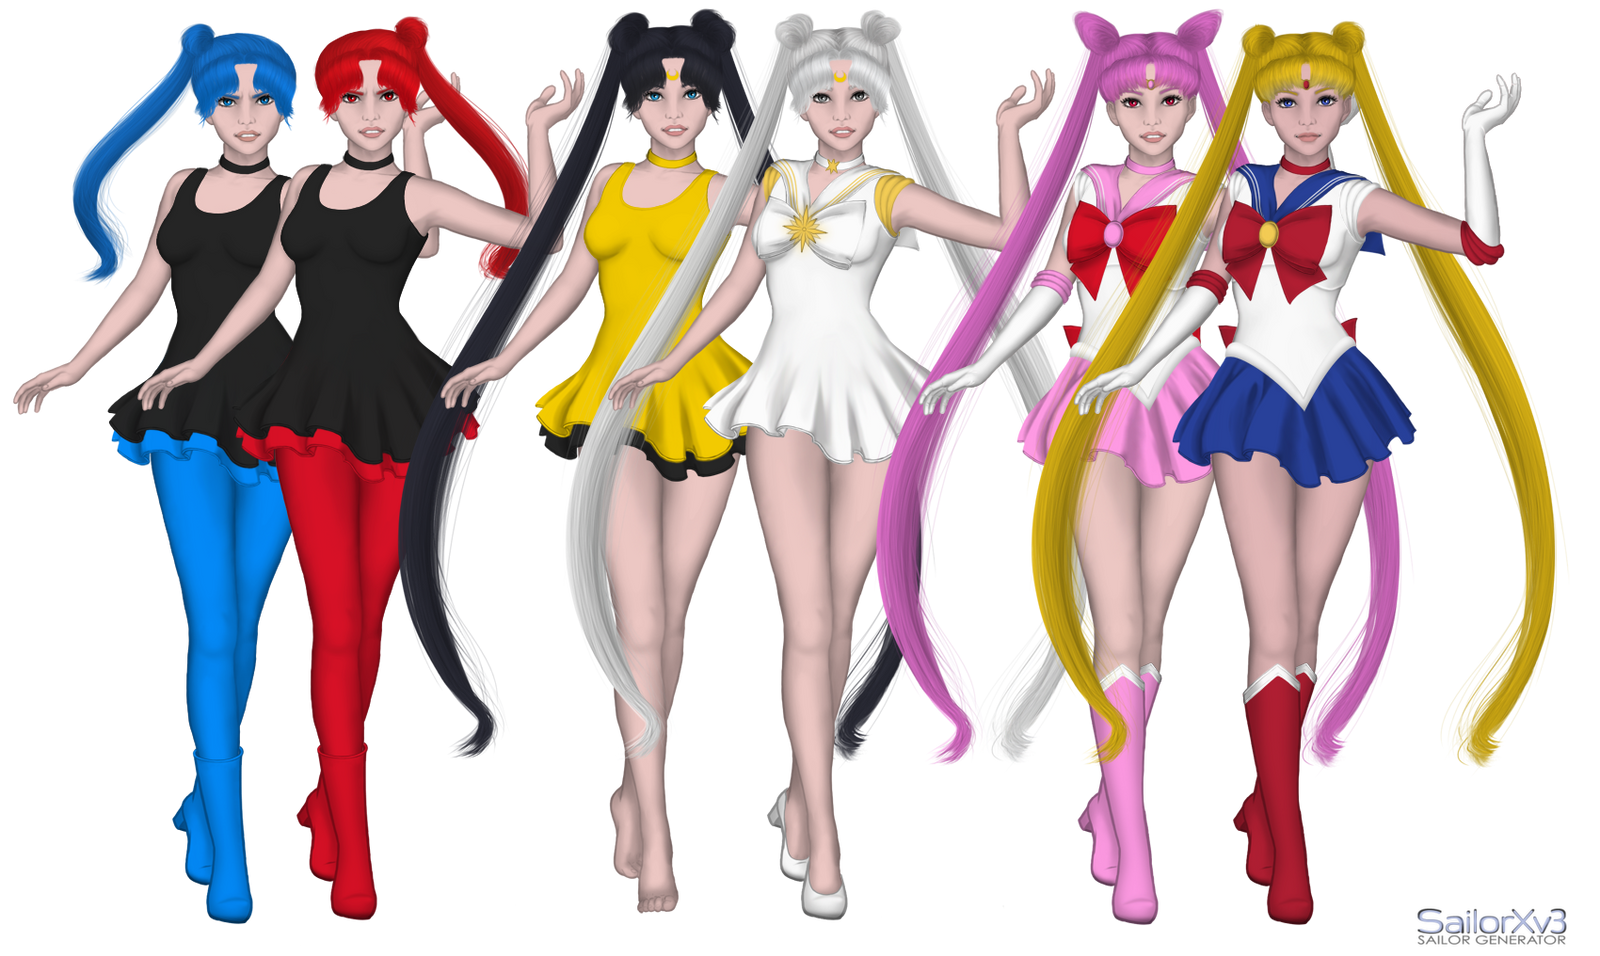 SailorXv3.07.04 - ODANGOS by SailorXv3